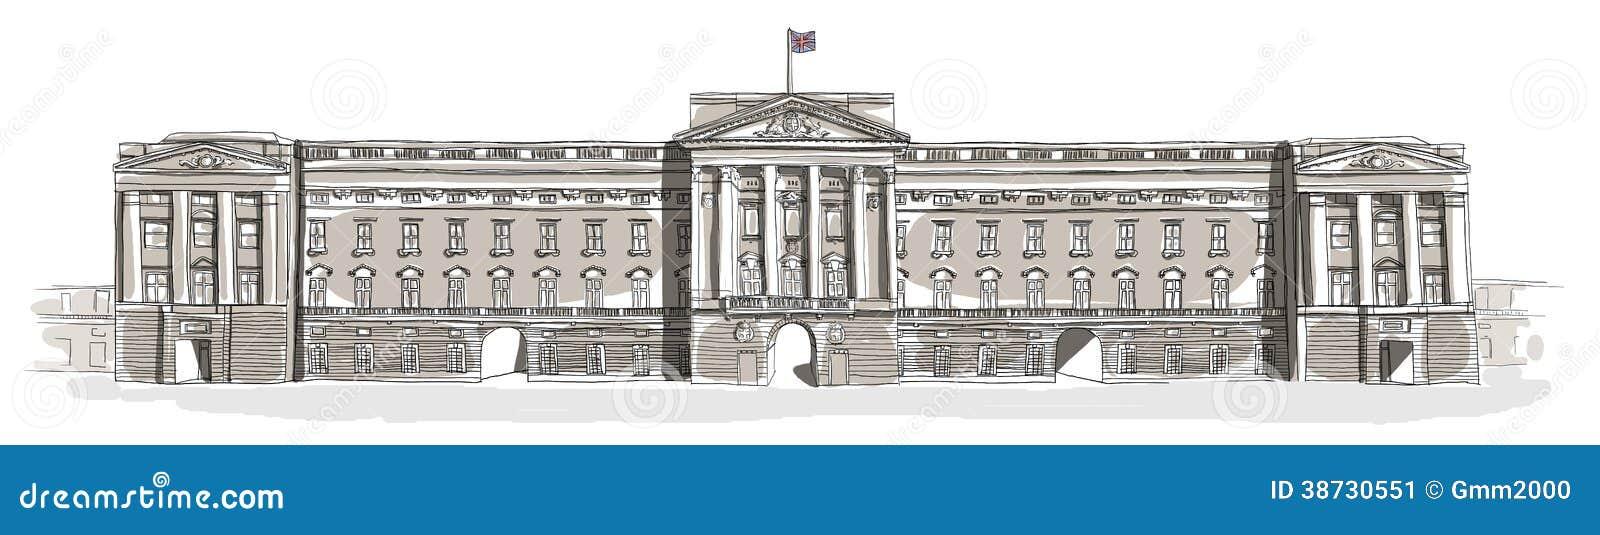 Buckingham Palace Line Art Stock Image Image 38730551